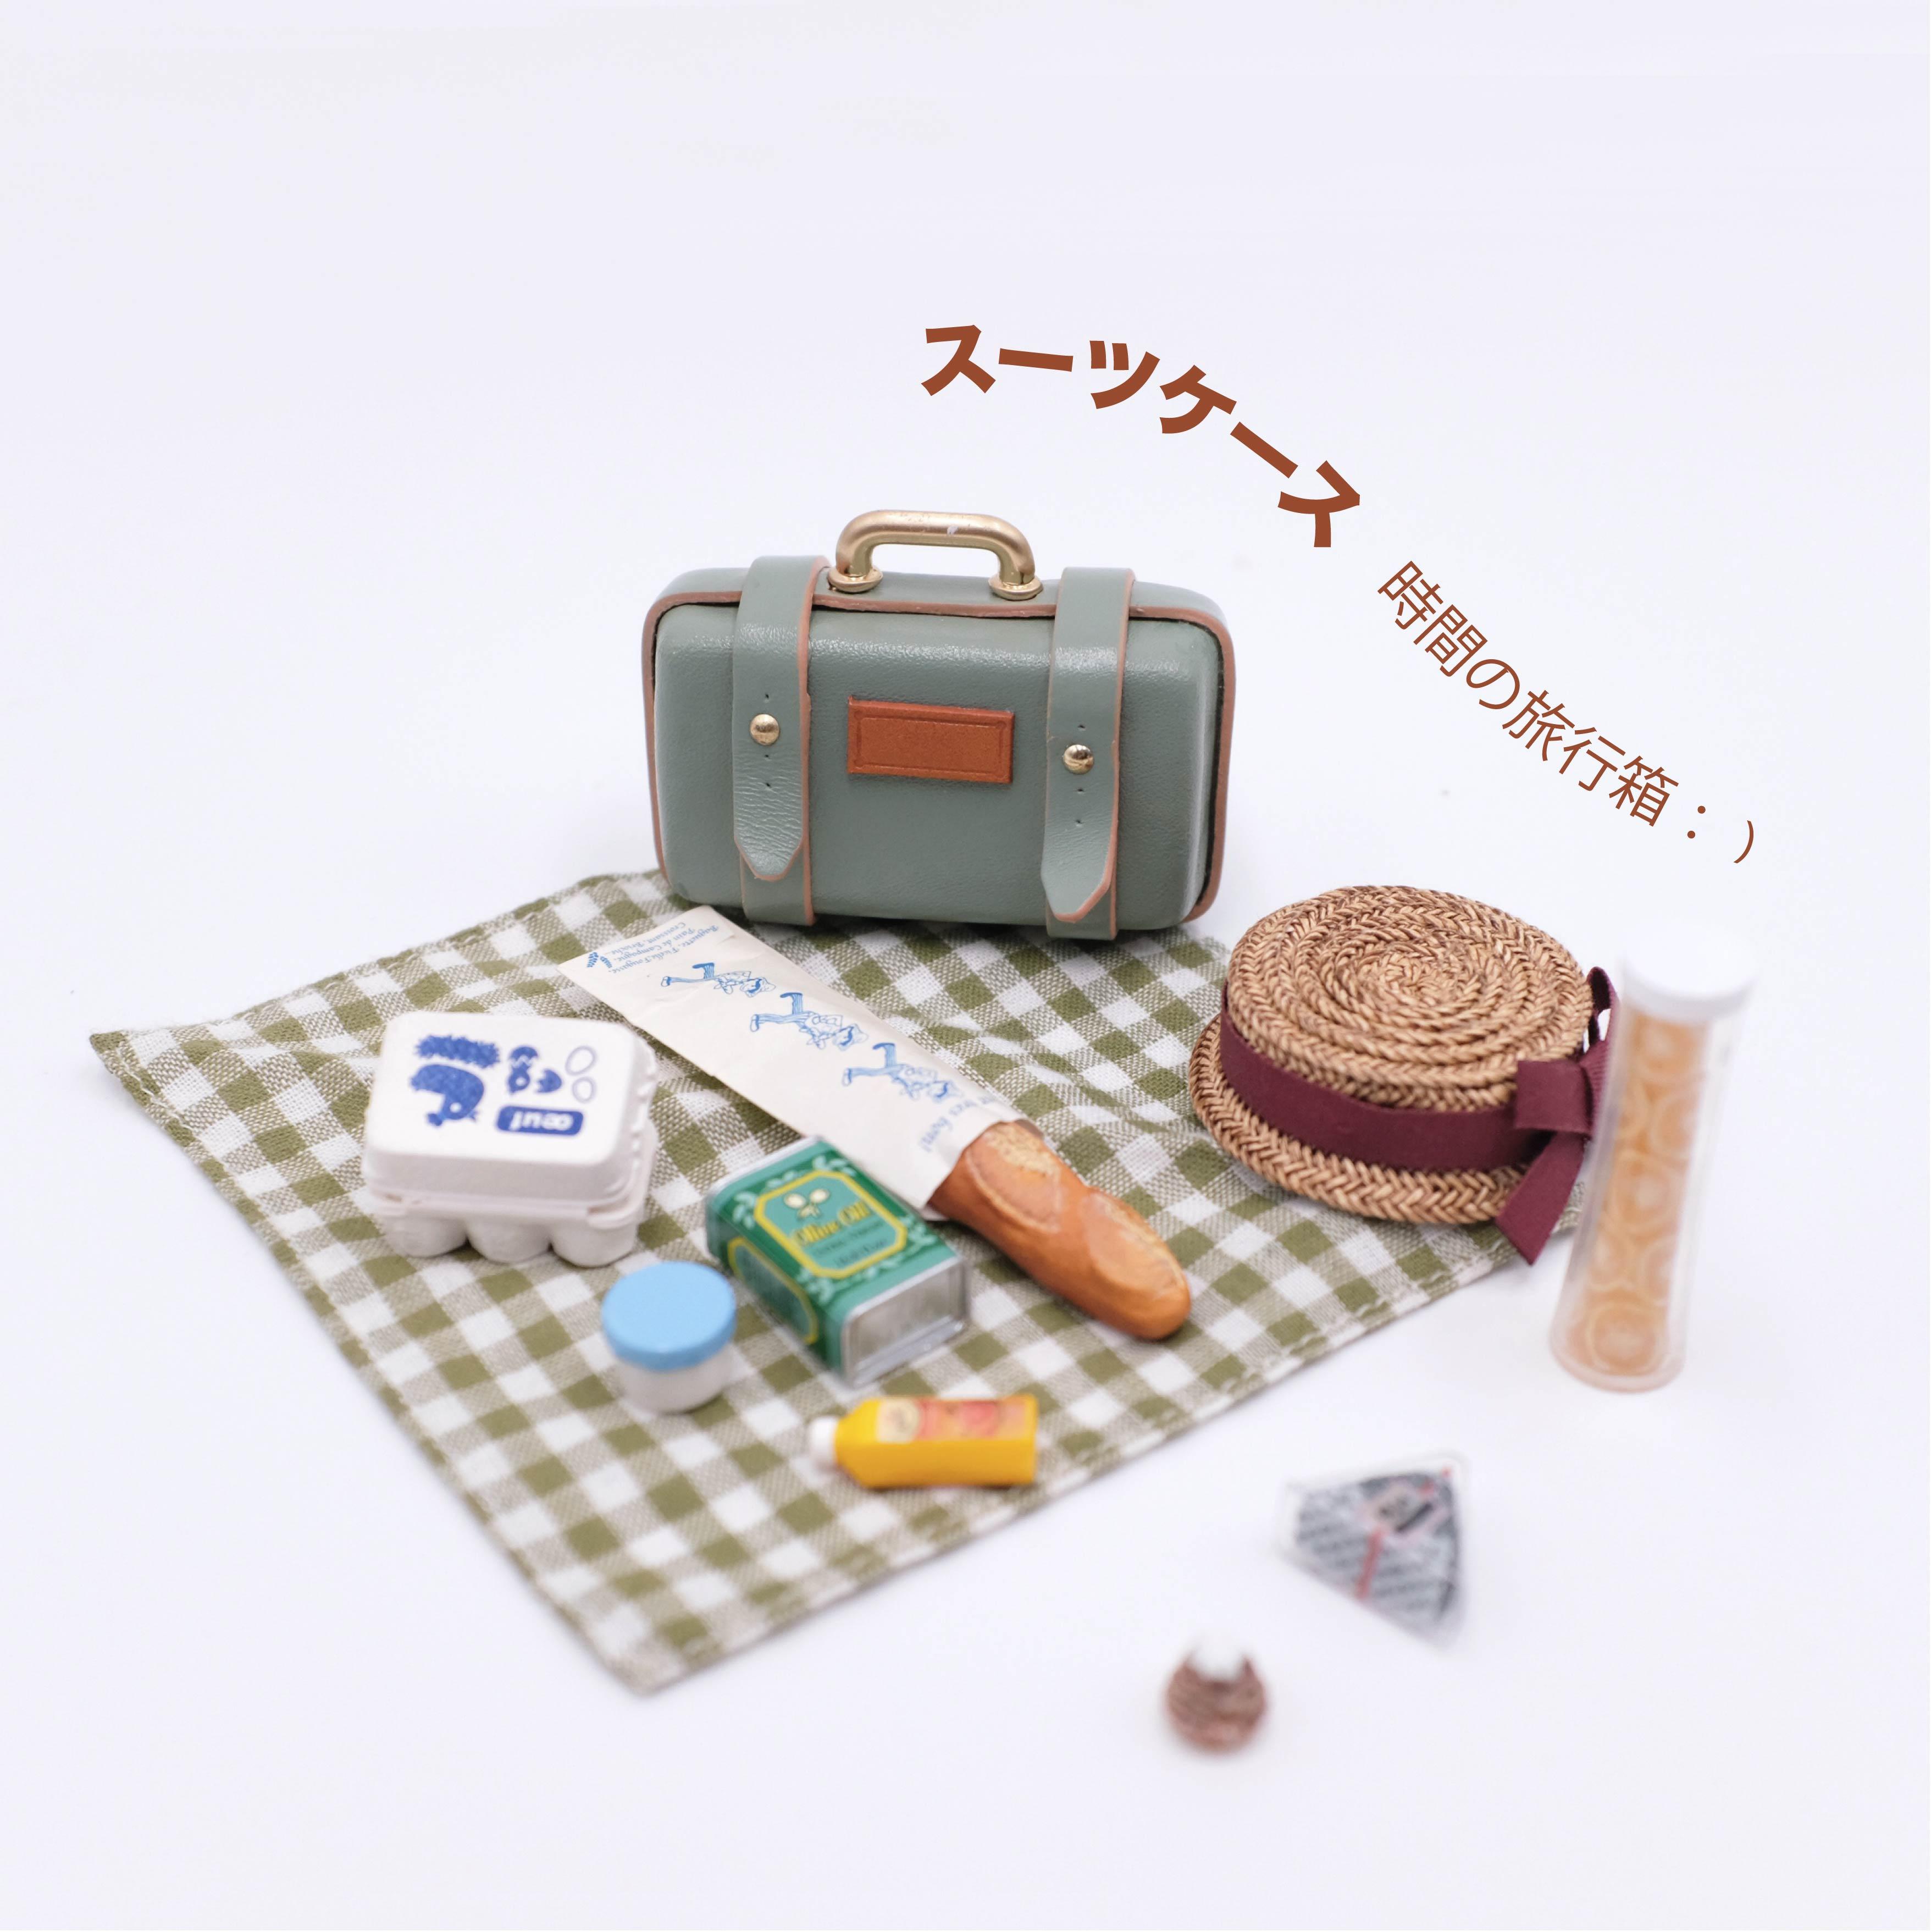 1/6 blythe 1/8ラバーバッグ6点bjd人形通用azoneバッグob小さい布はスーツケースを持ちます。